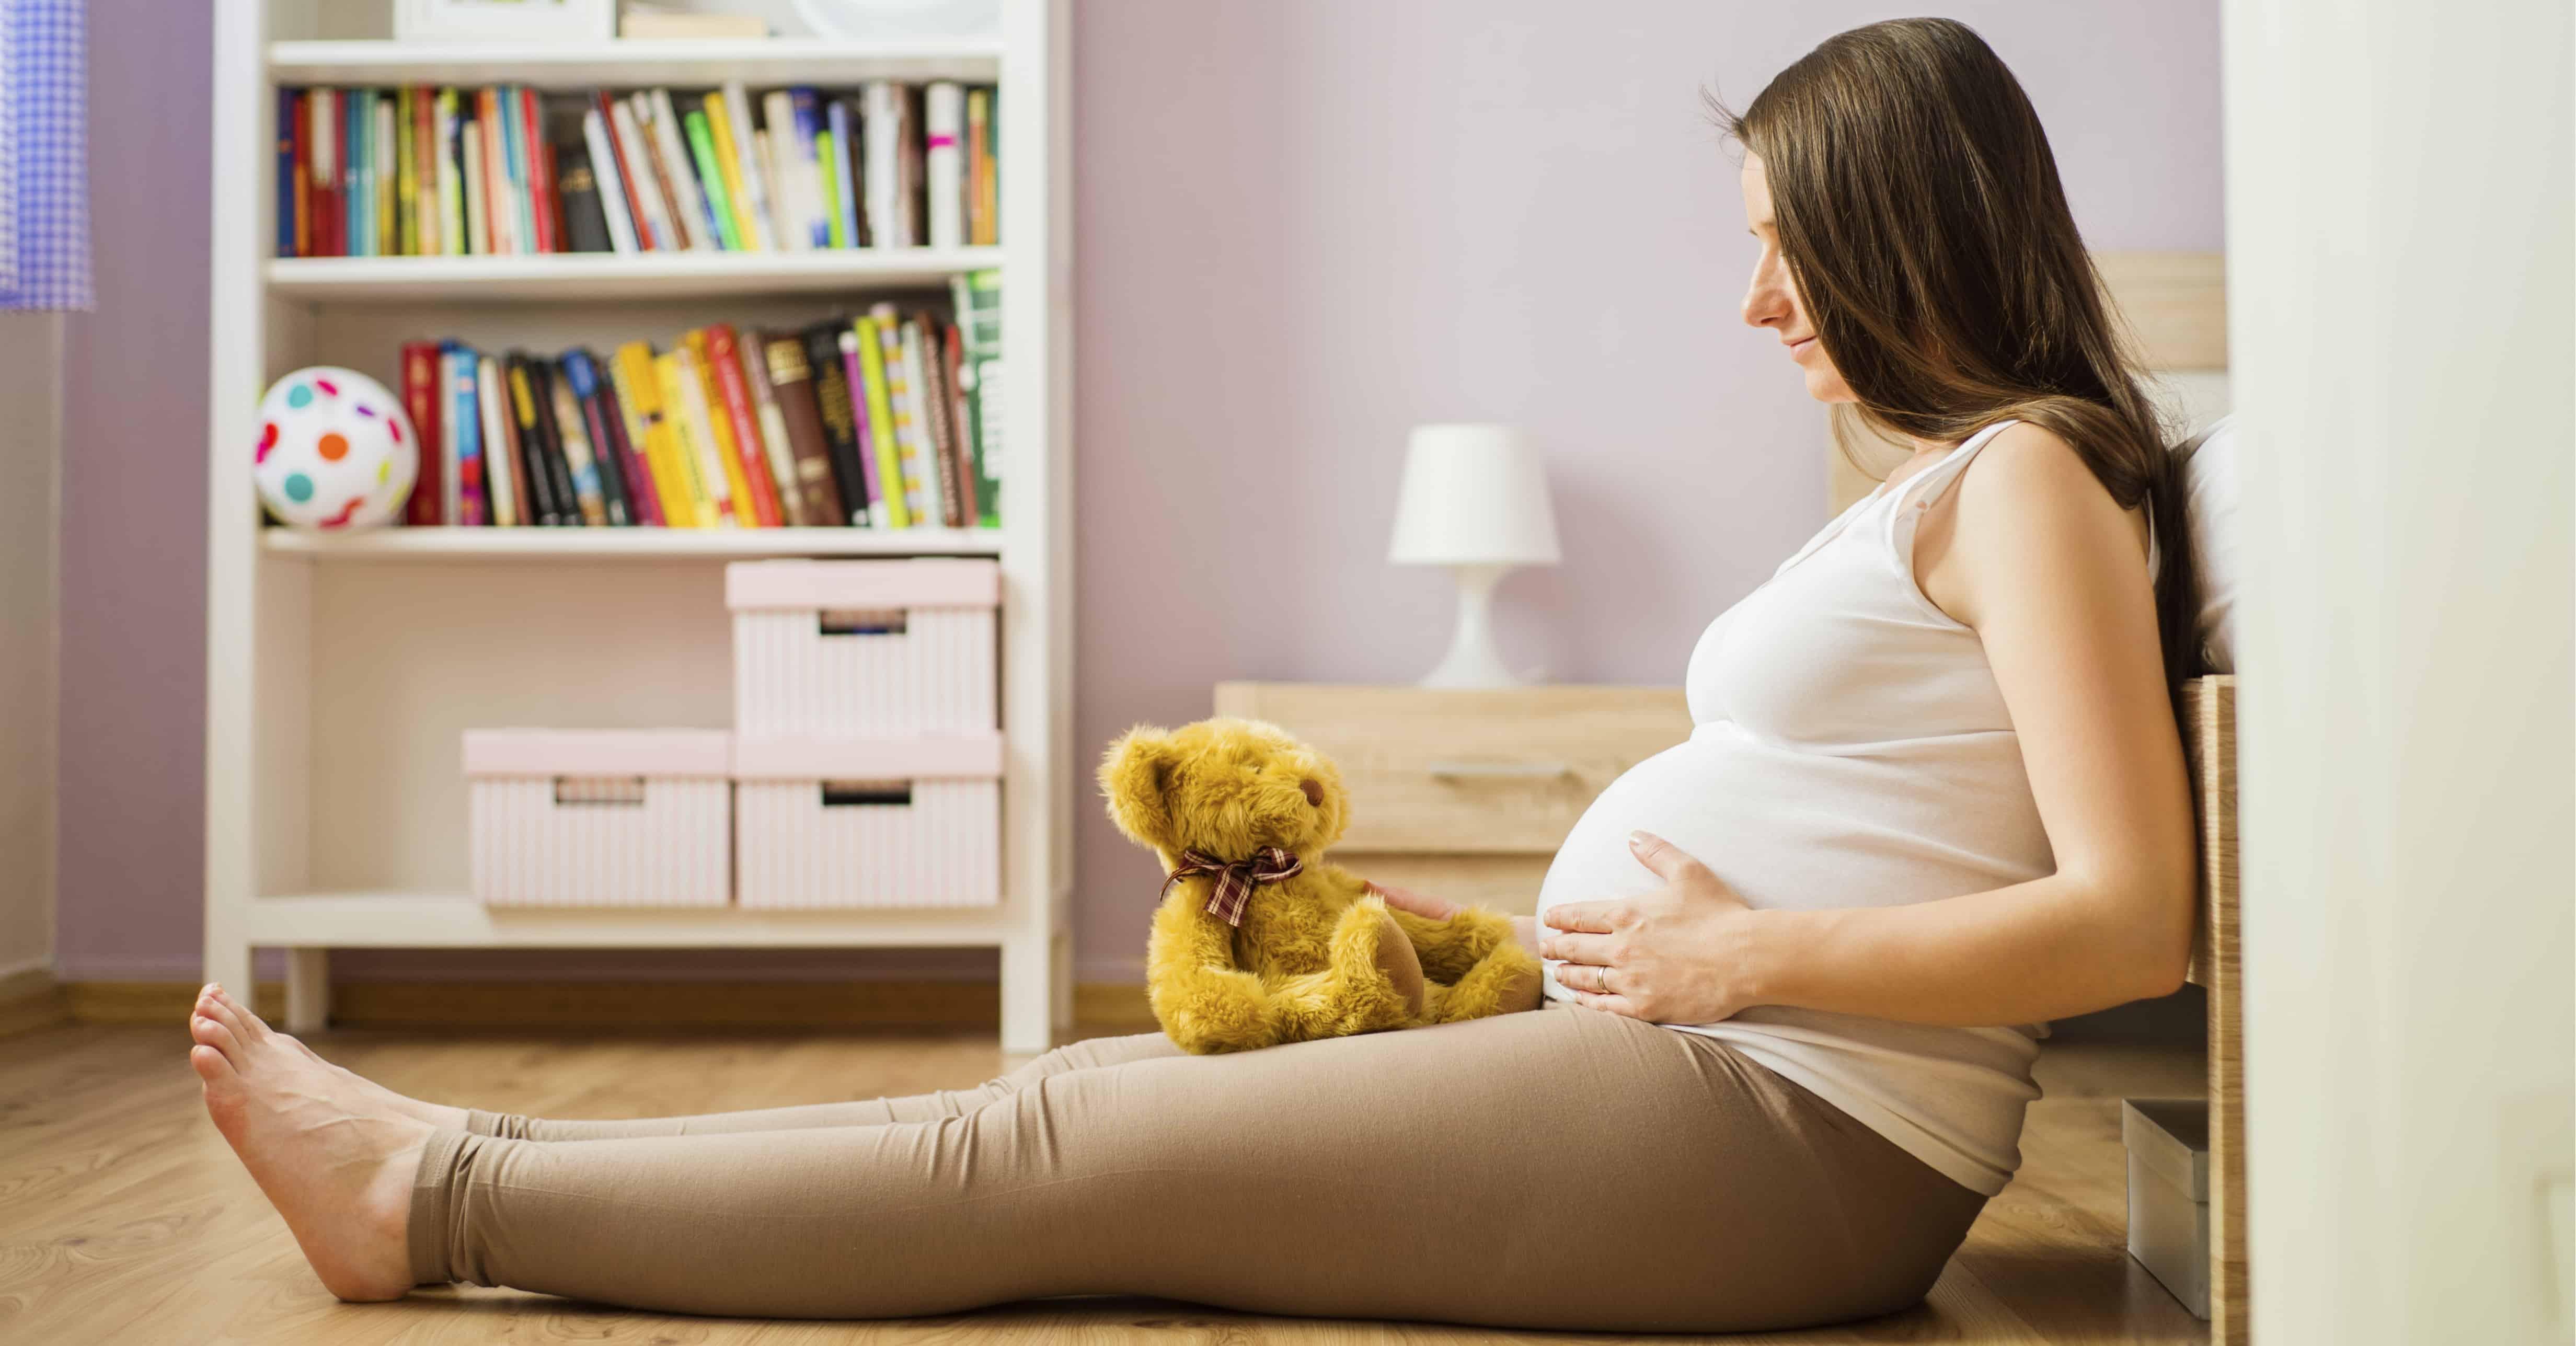 أخيرًا شهر الولادة ! ماذا يحدث وكيف تستعدين للحظة الحاسمة ؟!